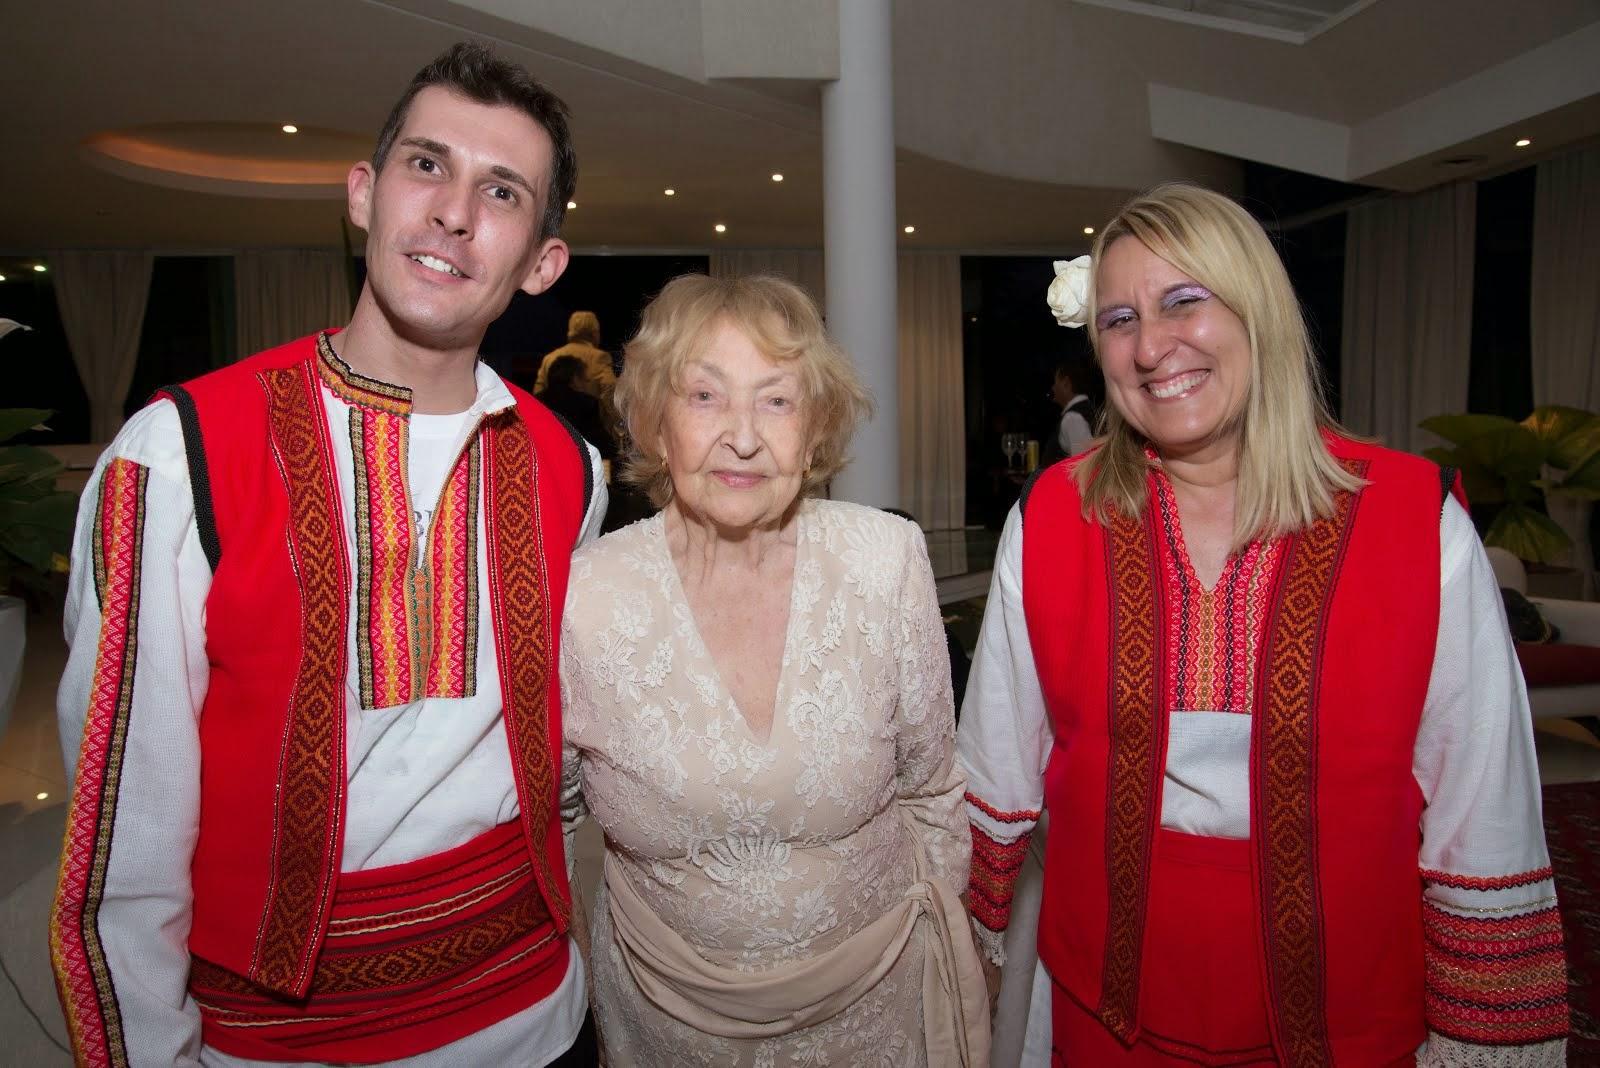 Coquetel celebrando a nomeação do Cônsul da República da Bulgária em Minas